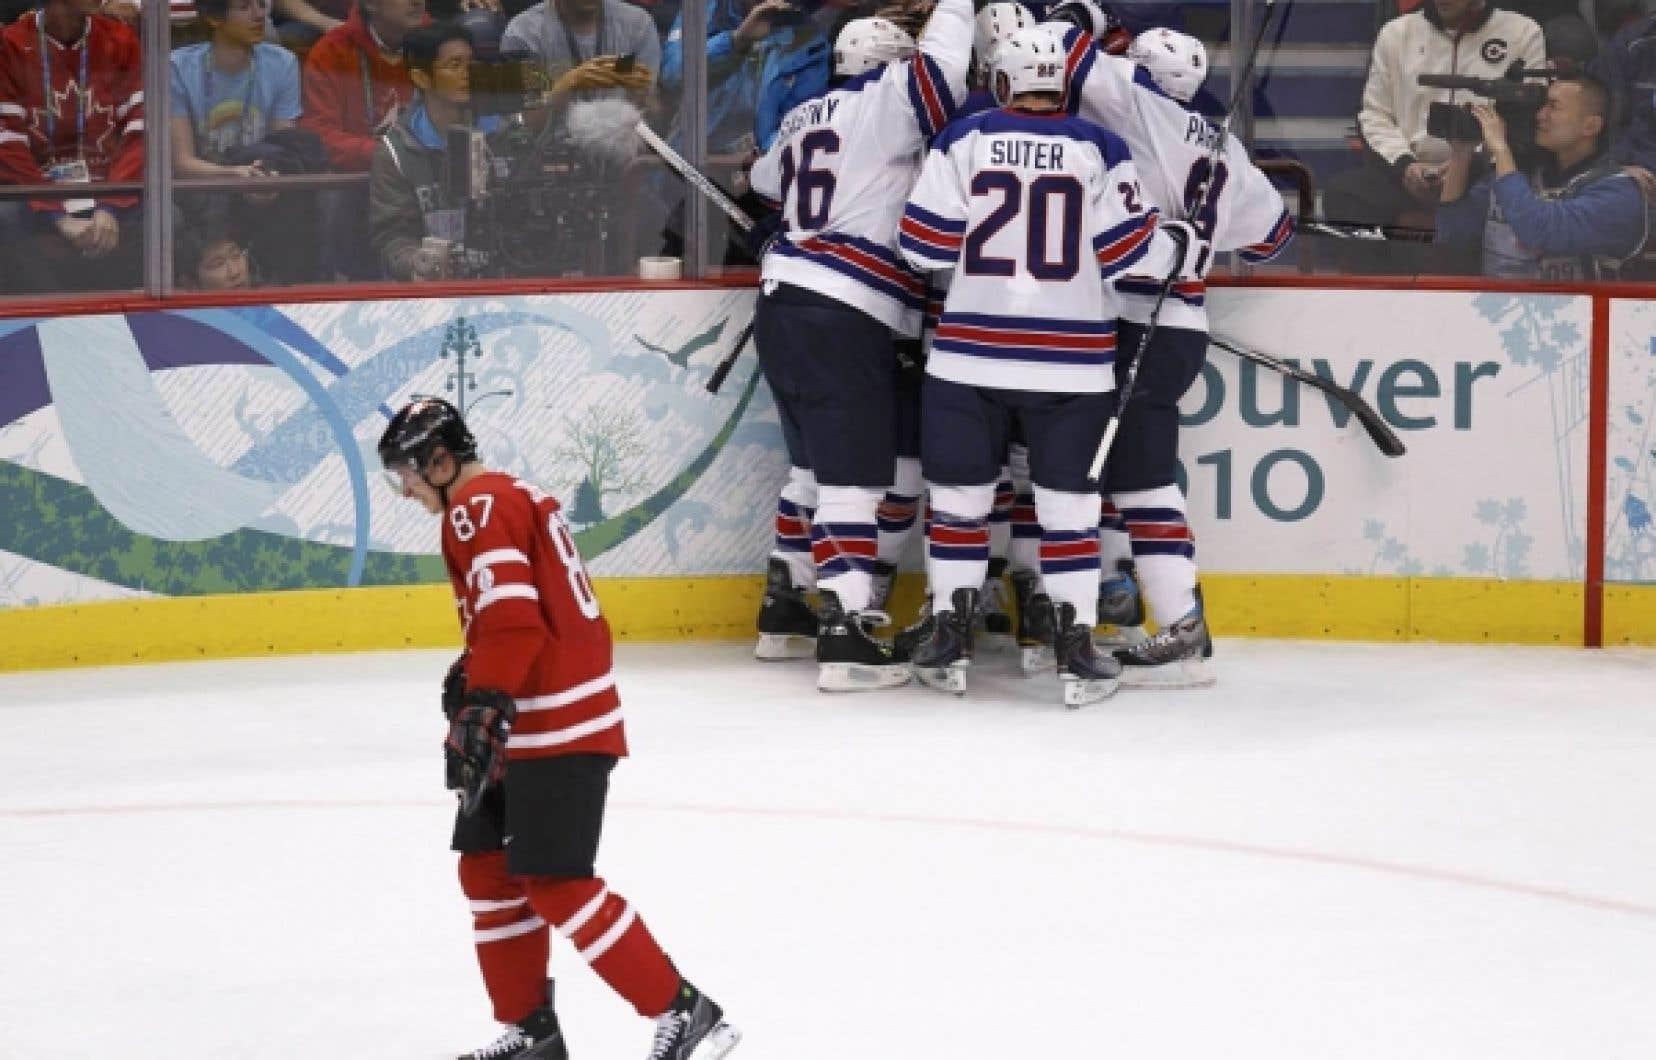 L'équipe américaine célèbre un de ses buts marqués lors du match de dimanche pendant que Sidney Crosby, du Canada, retourne au banc de son équipe.